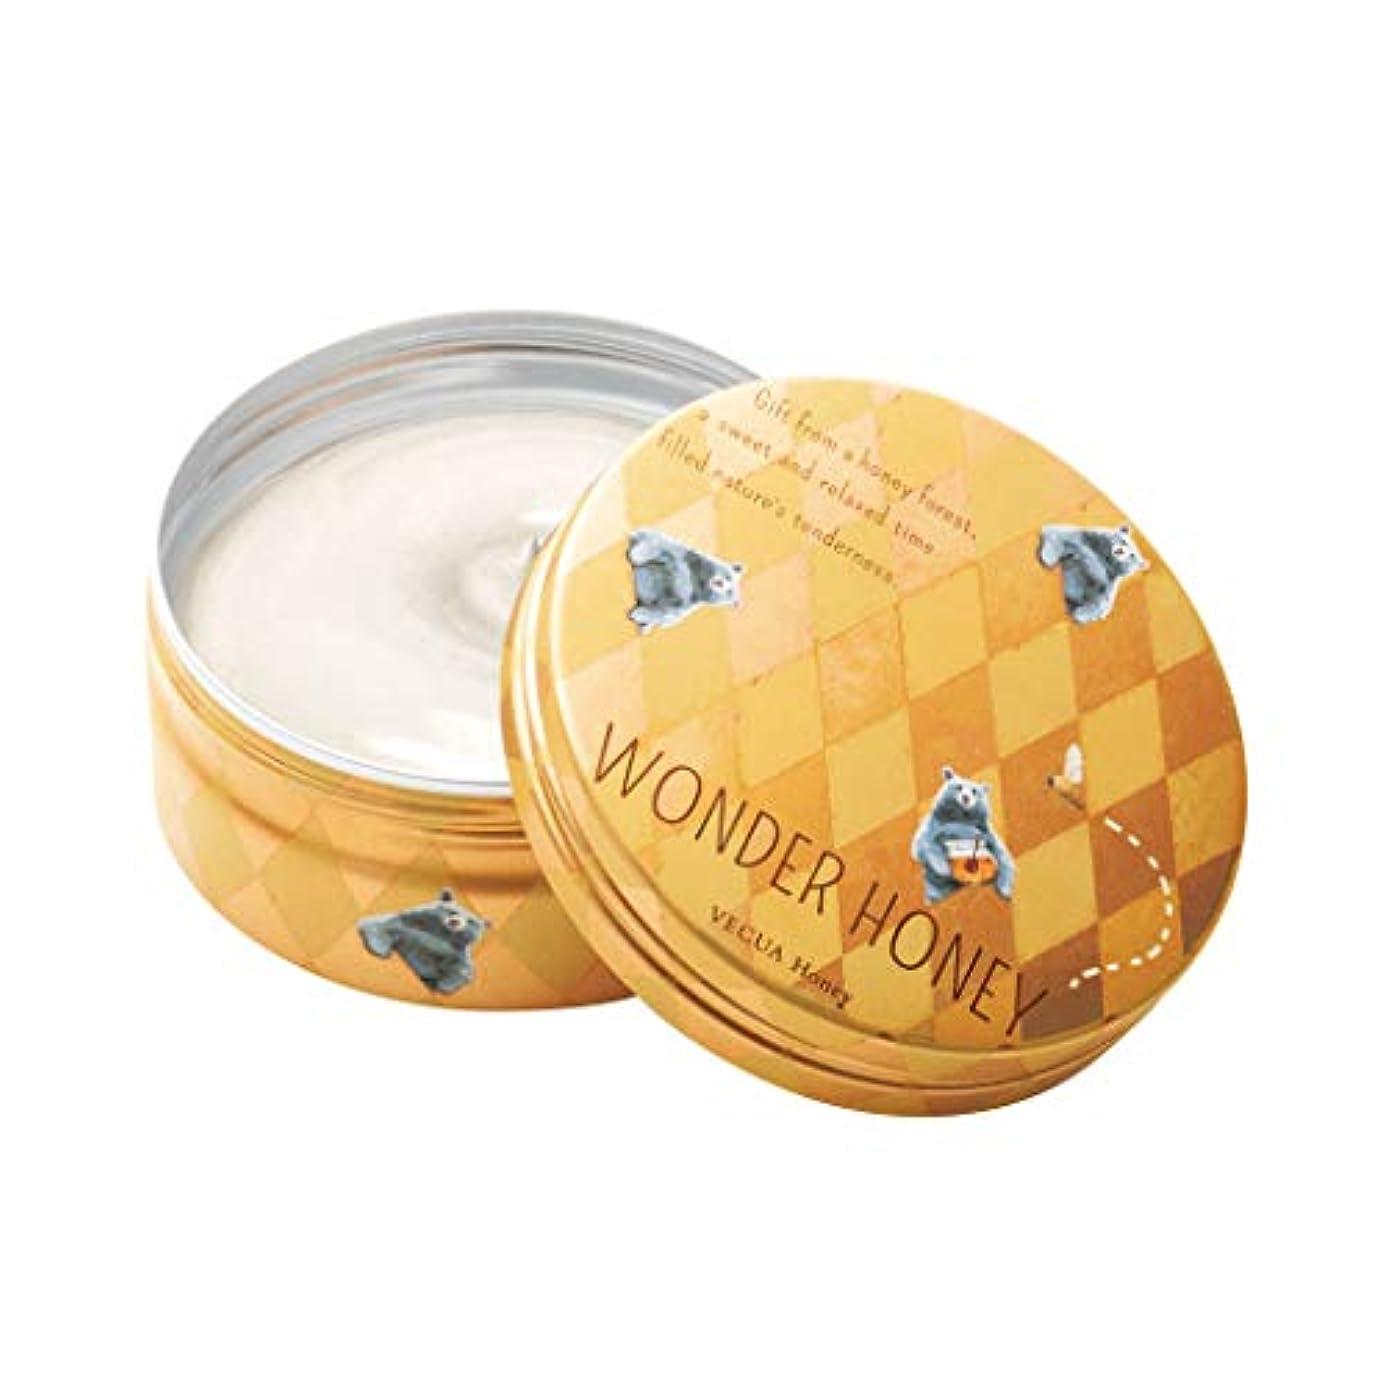 ピケ一方、チャームベキュア ハニー(VECUA Honey) ワンダーハニー 濃蜜マルシェのクリームバーム アーガイル 75g